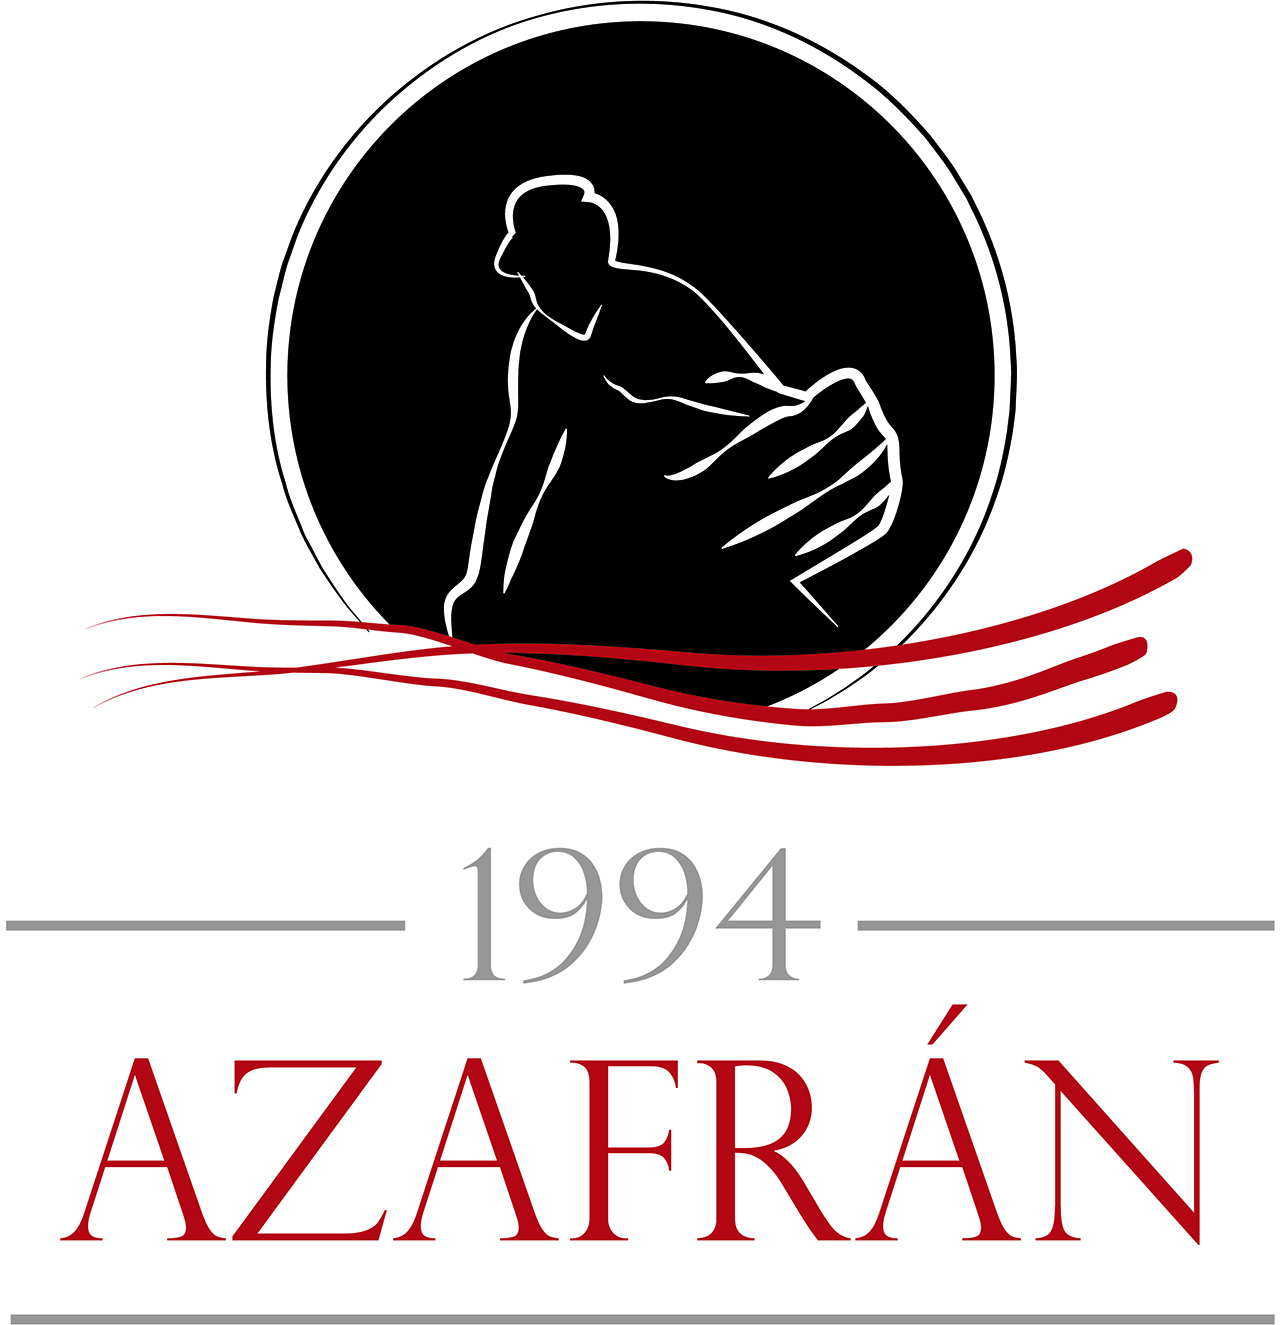 azafran 1994